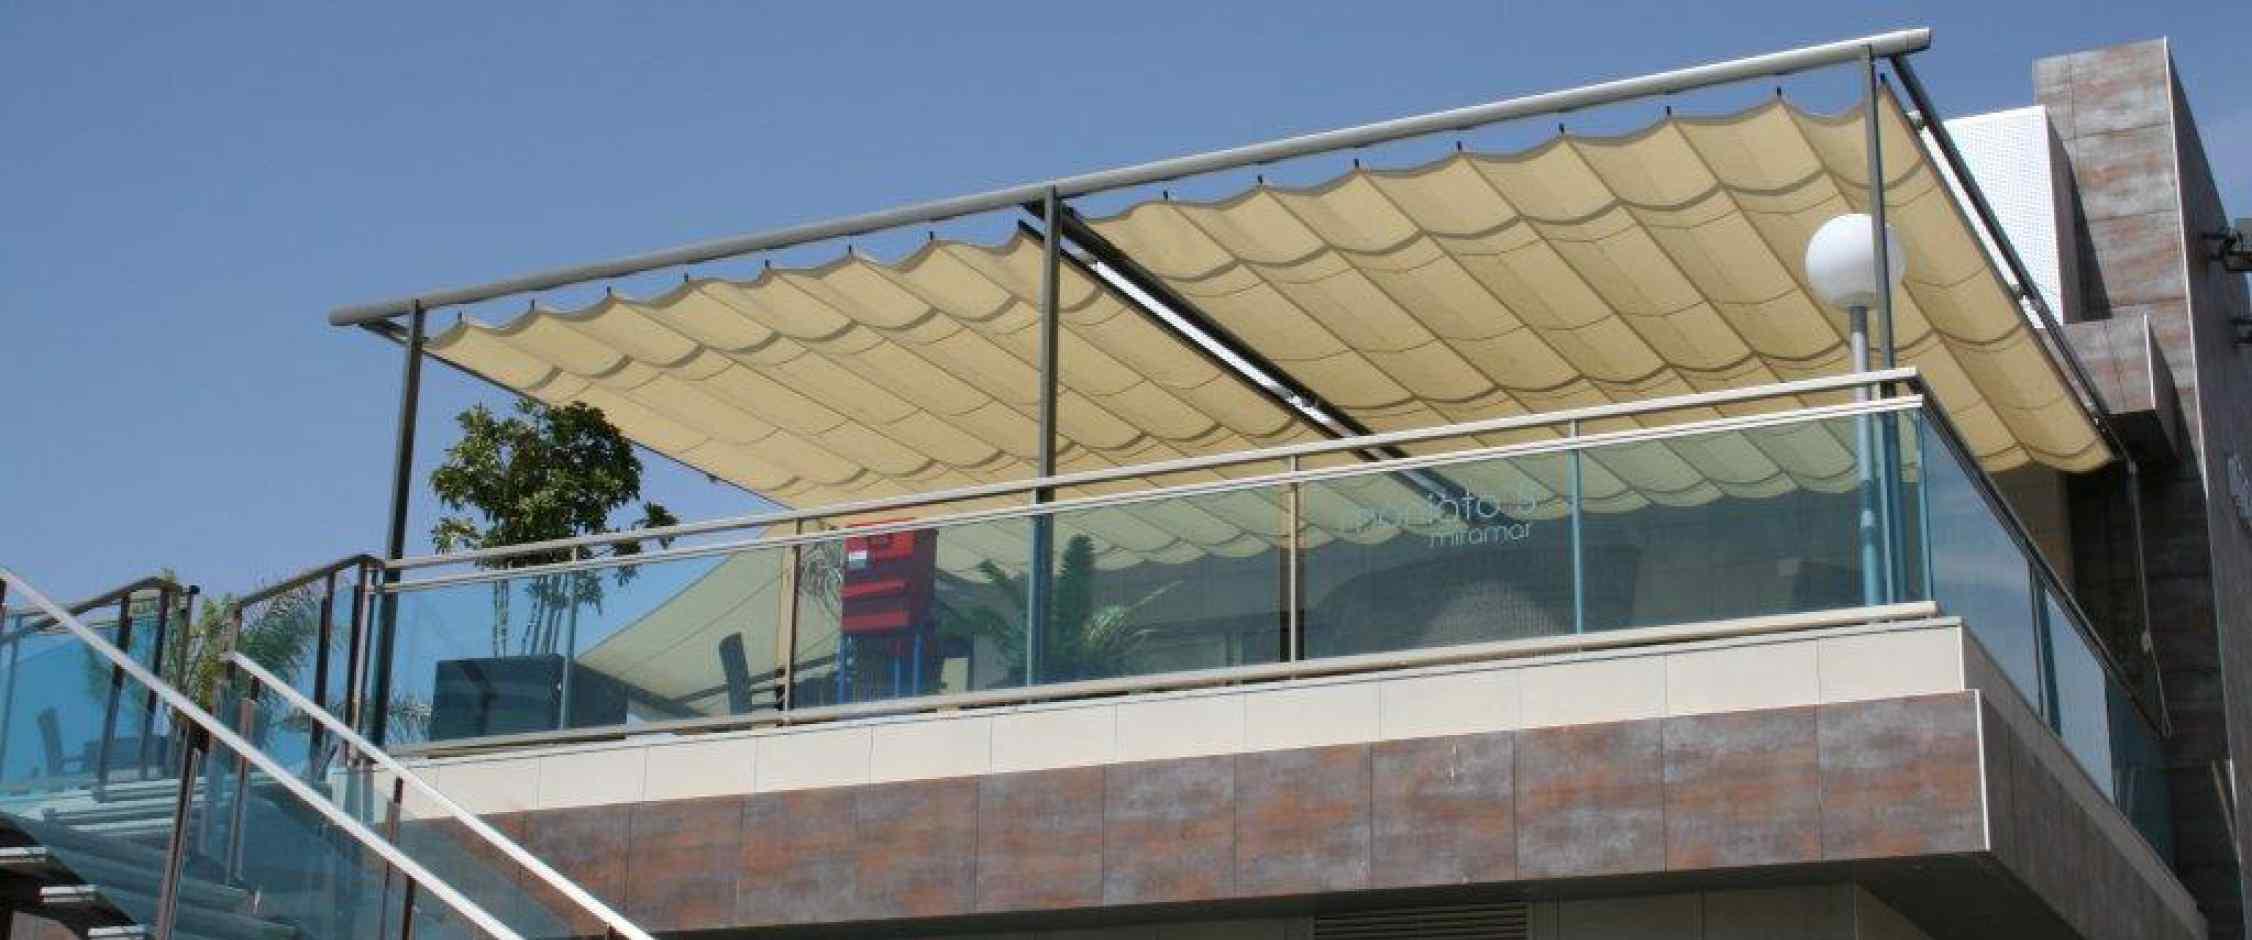 Toldo plano pérgola modelo Zen con portería de tres patas y dos módulos independientes para instalación en terrazas de median y gran superficie.